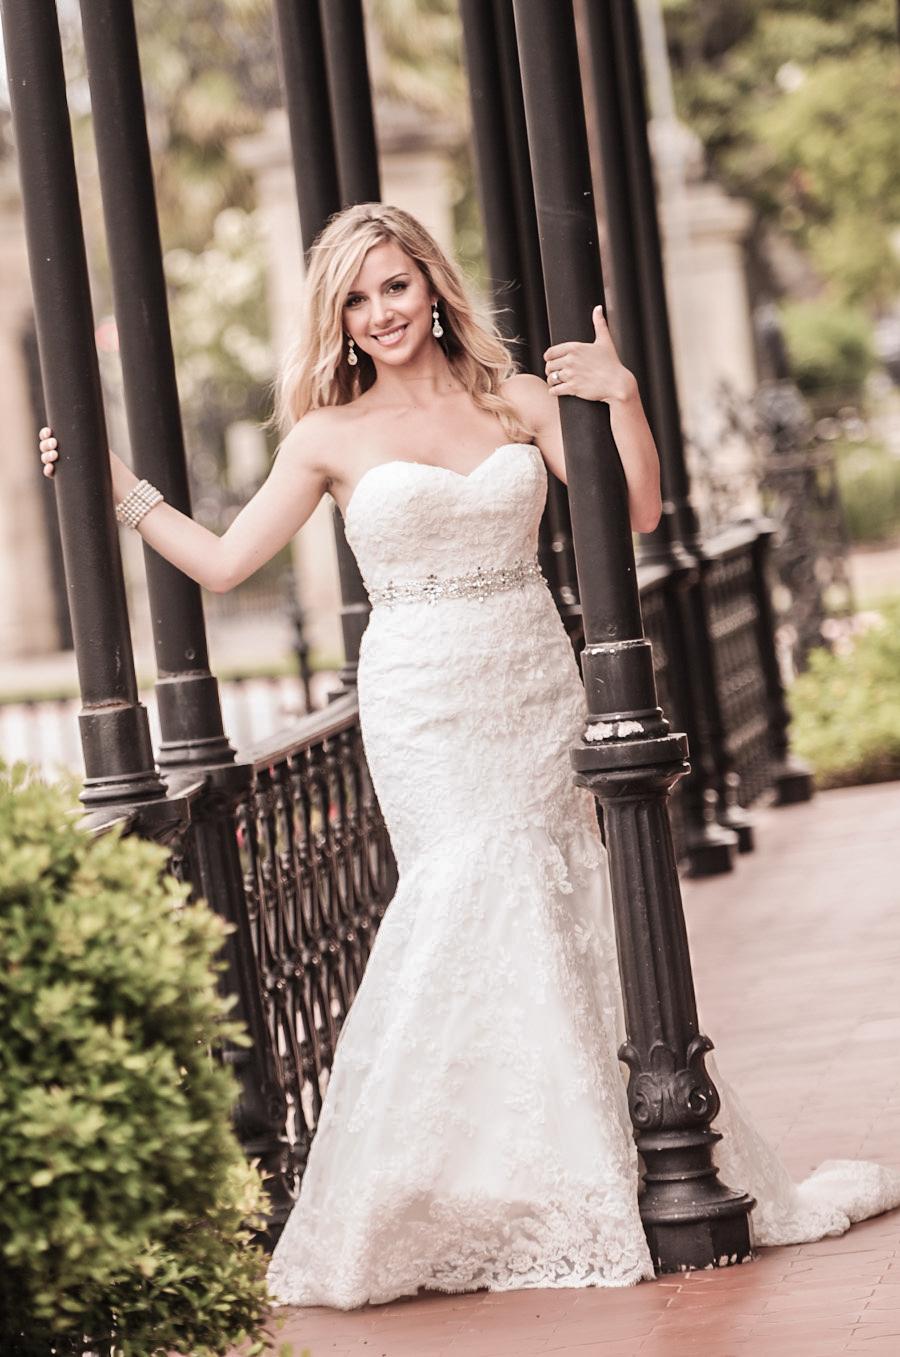 entry-52-judymckelie_mckerliephotography_bridals.jpg